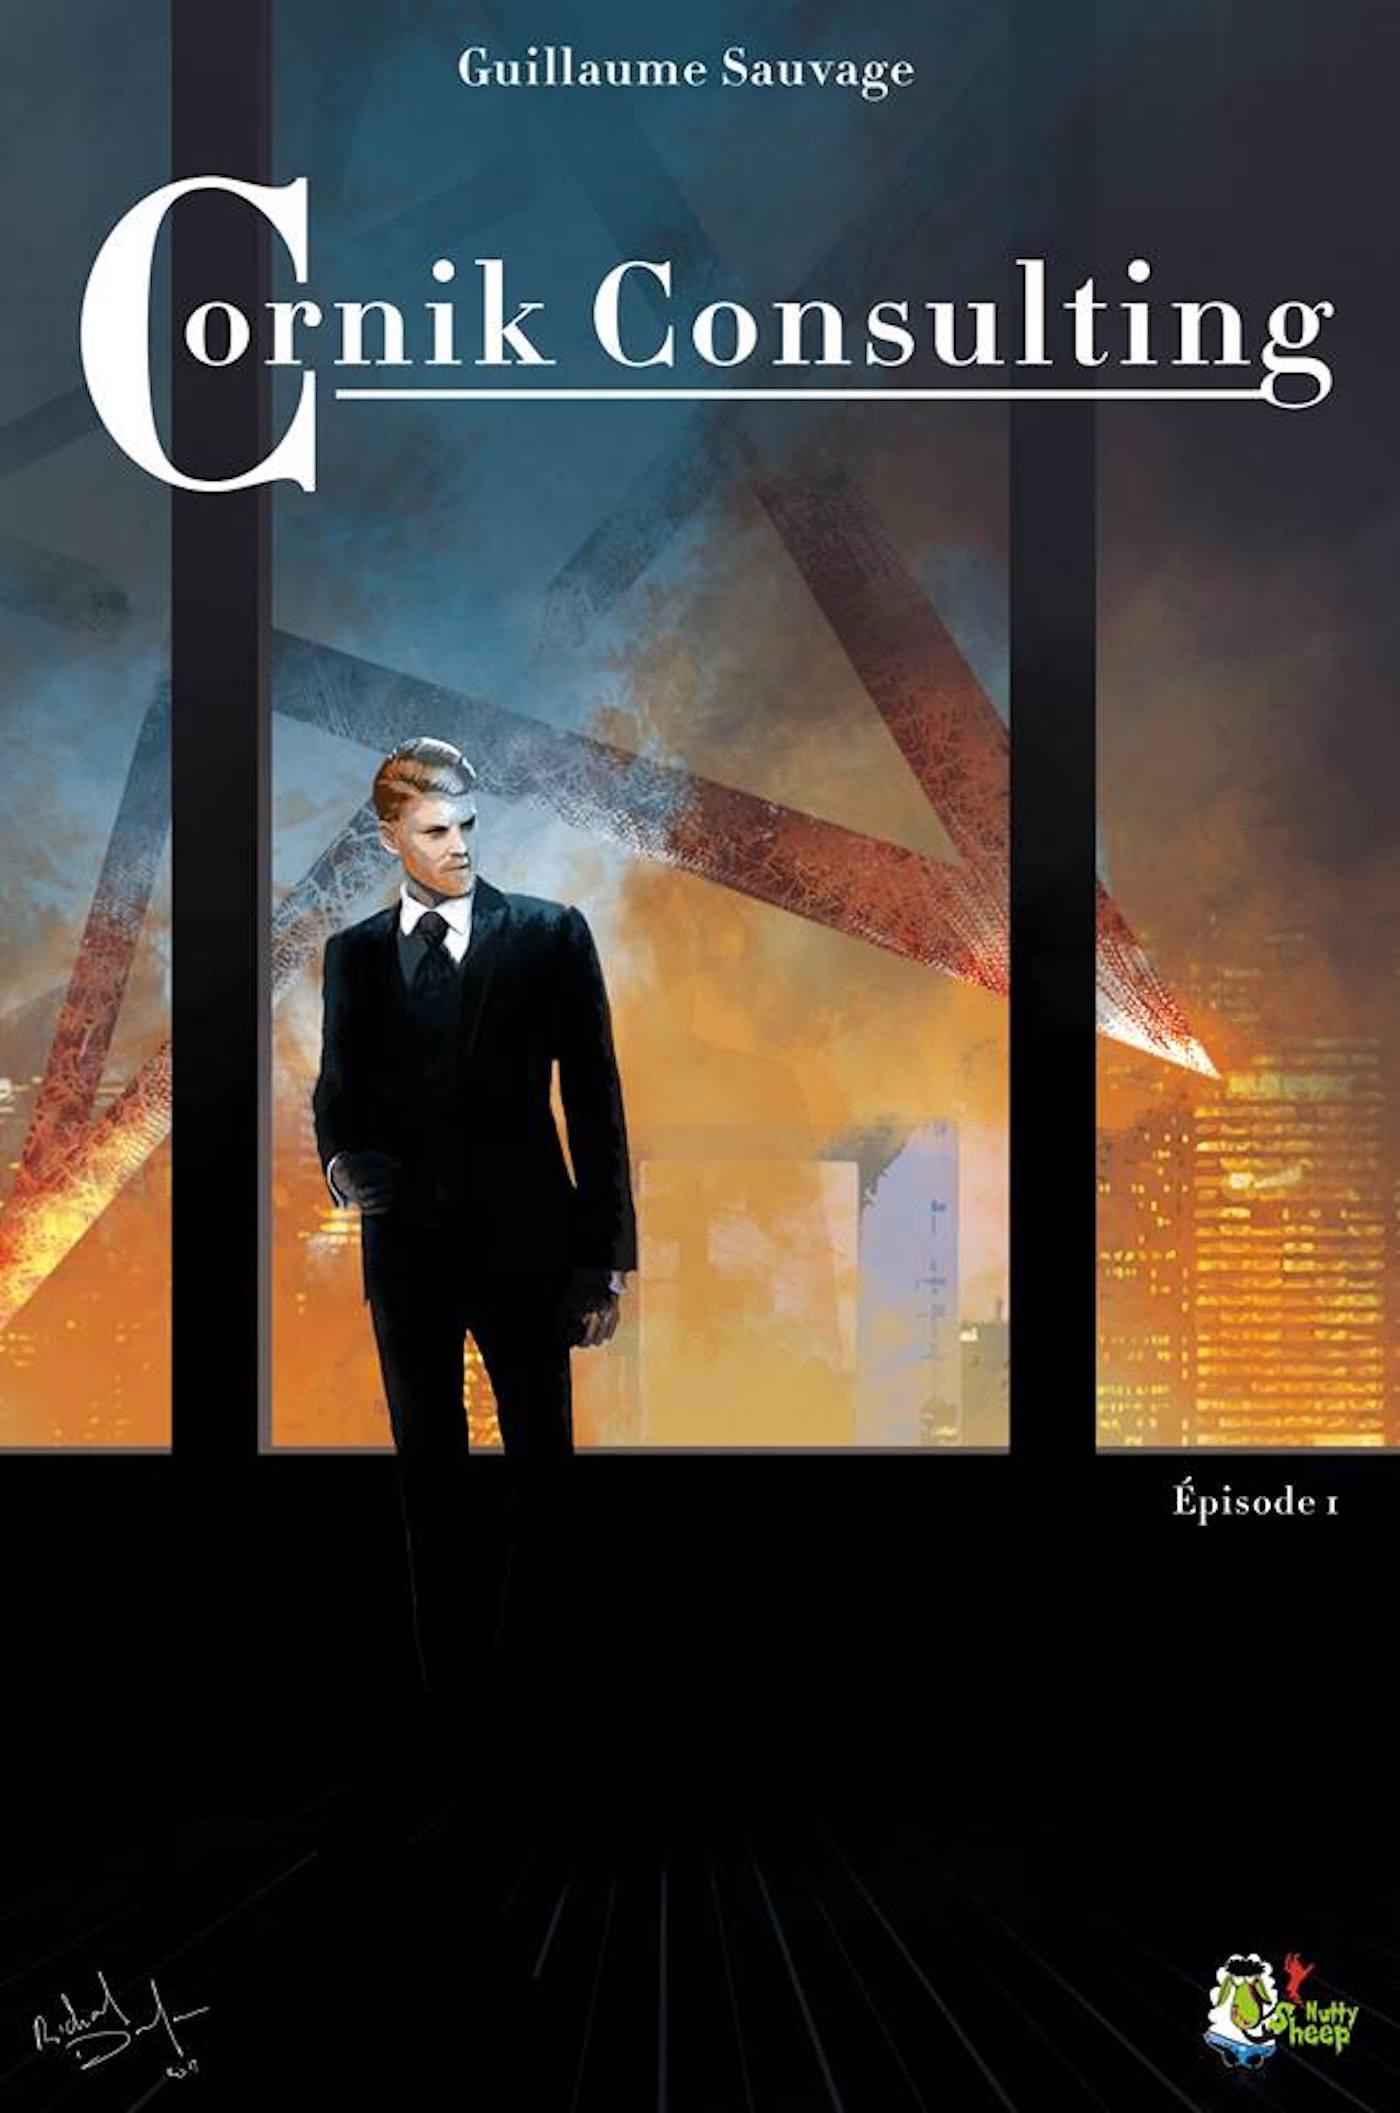 Cornik Consulting, épisode 1